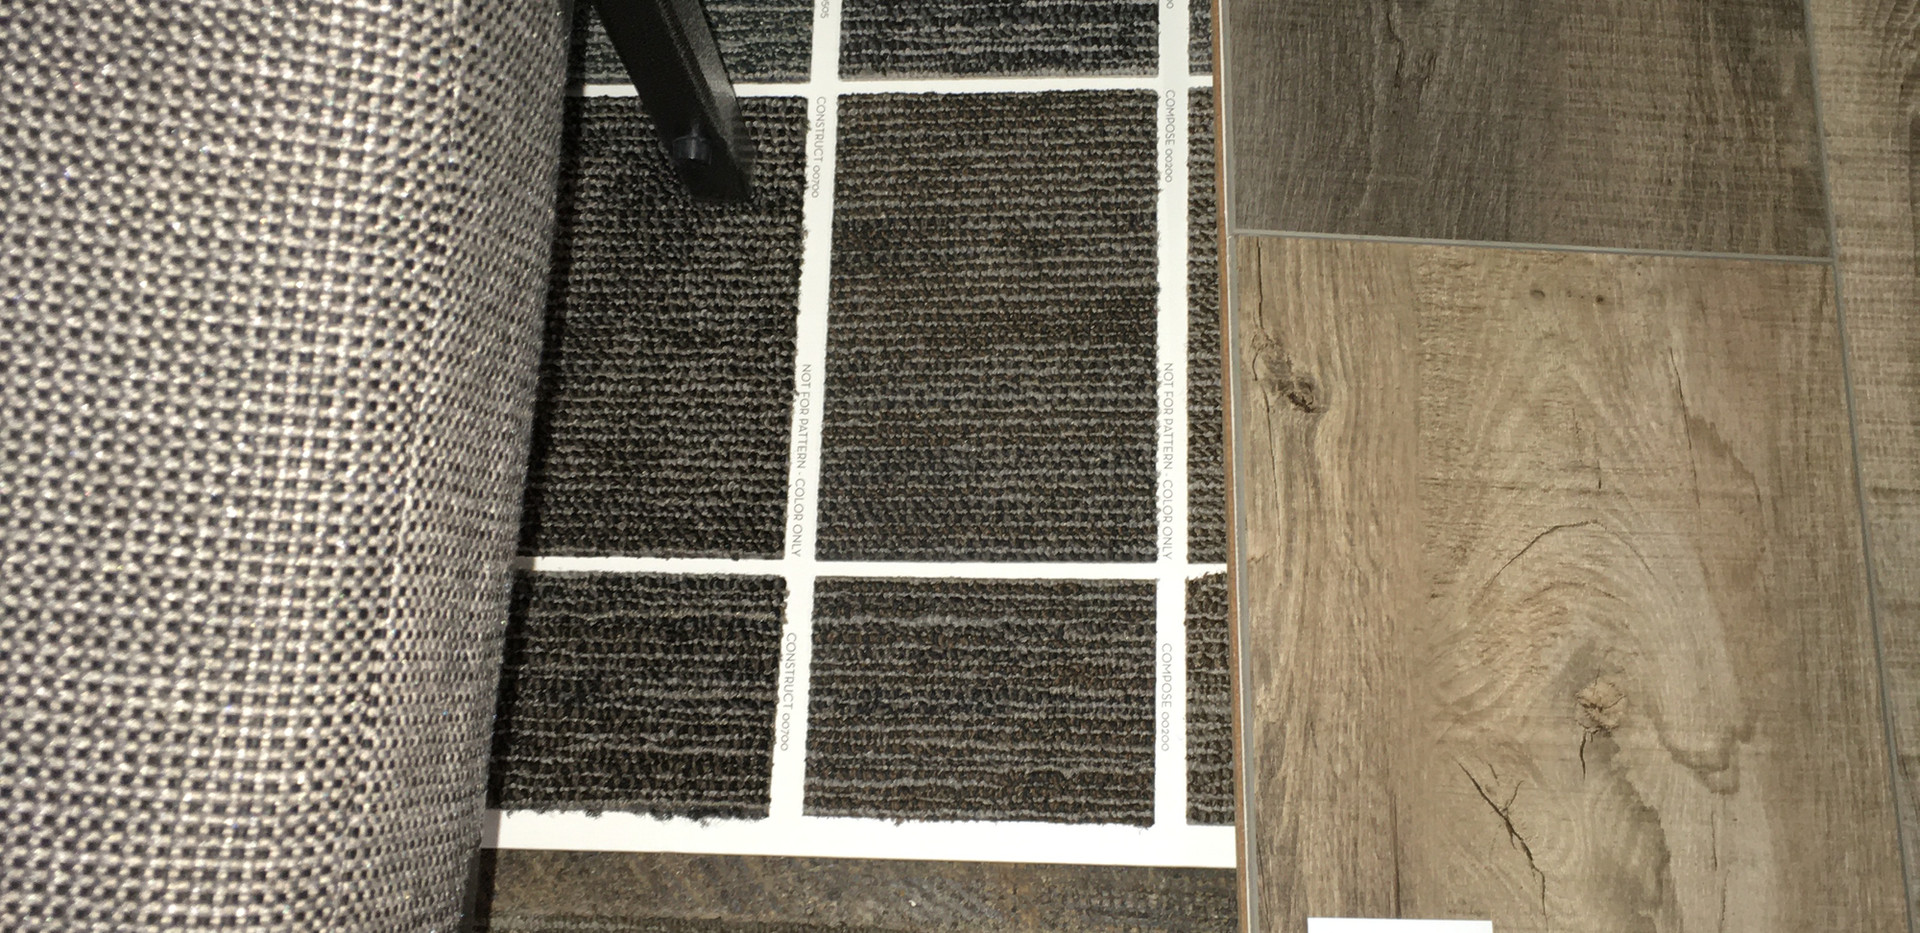 Choosing flooring